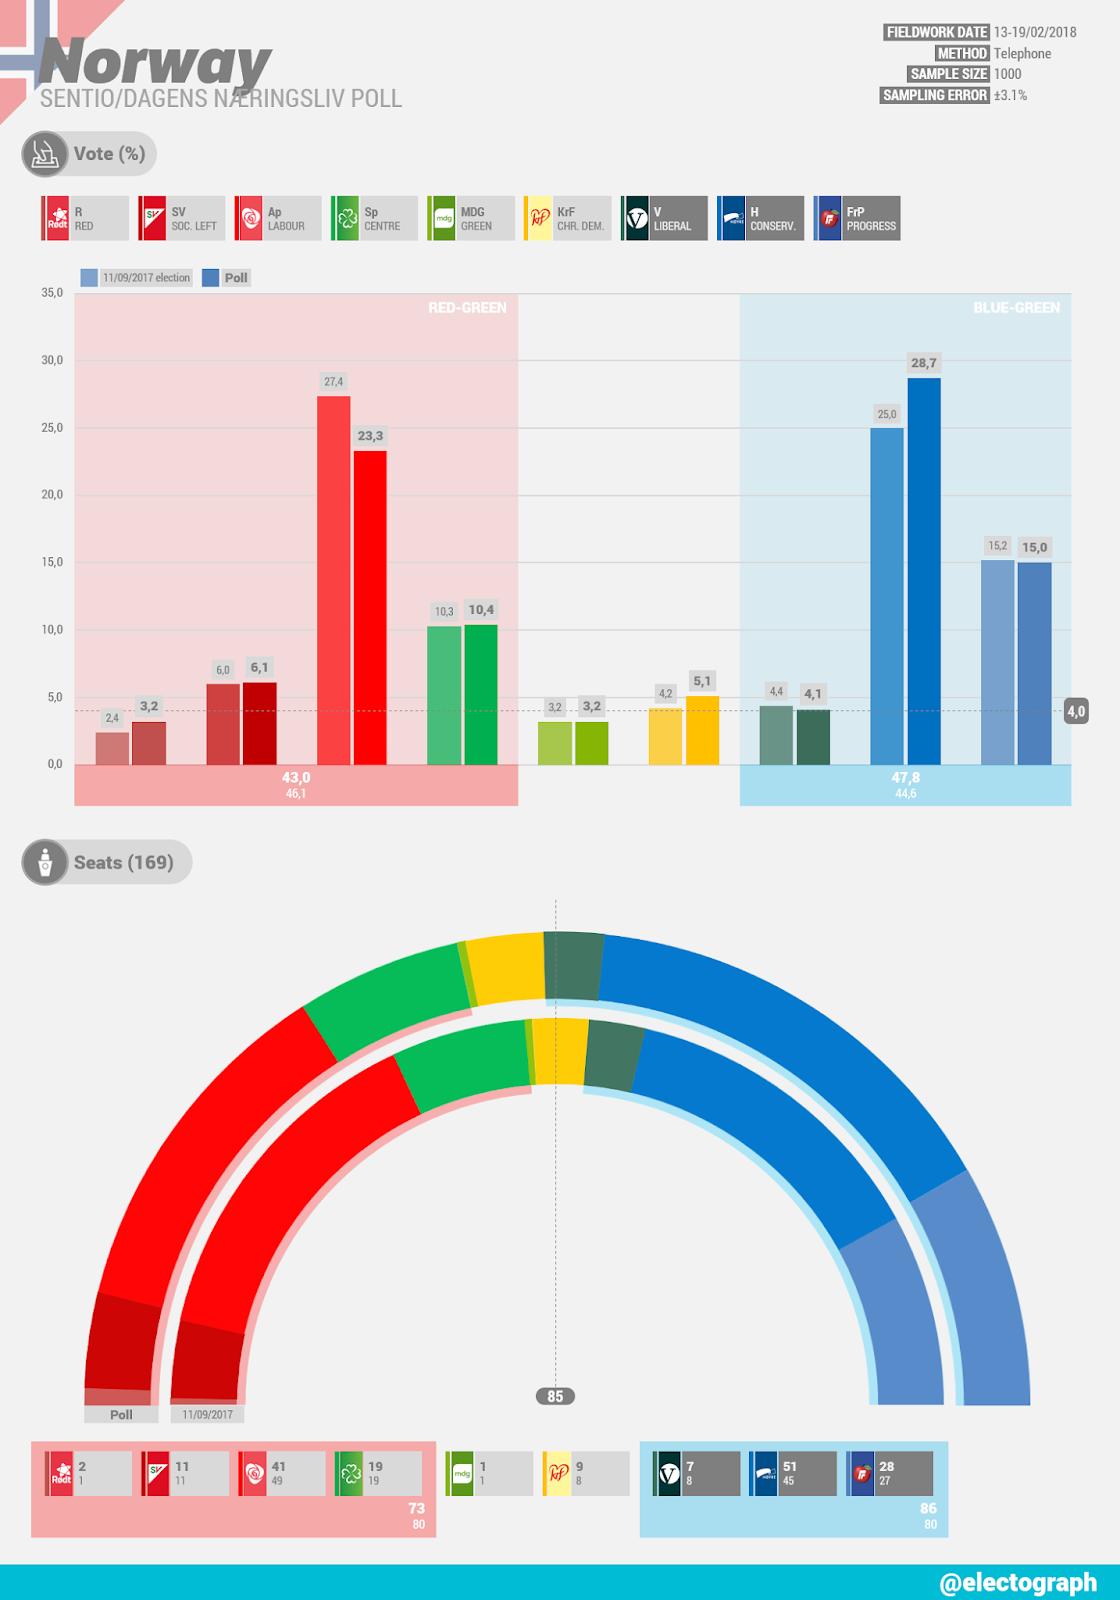 NORWAY Sentio poll for Dagens Næringsliv, February 2018